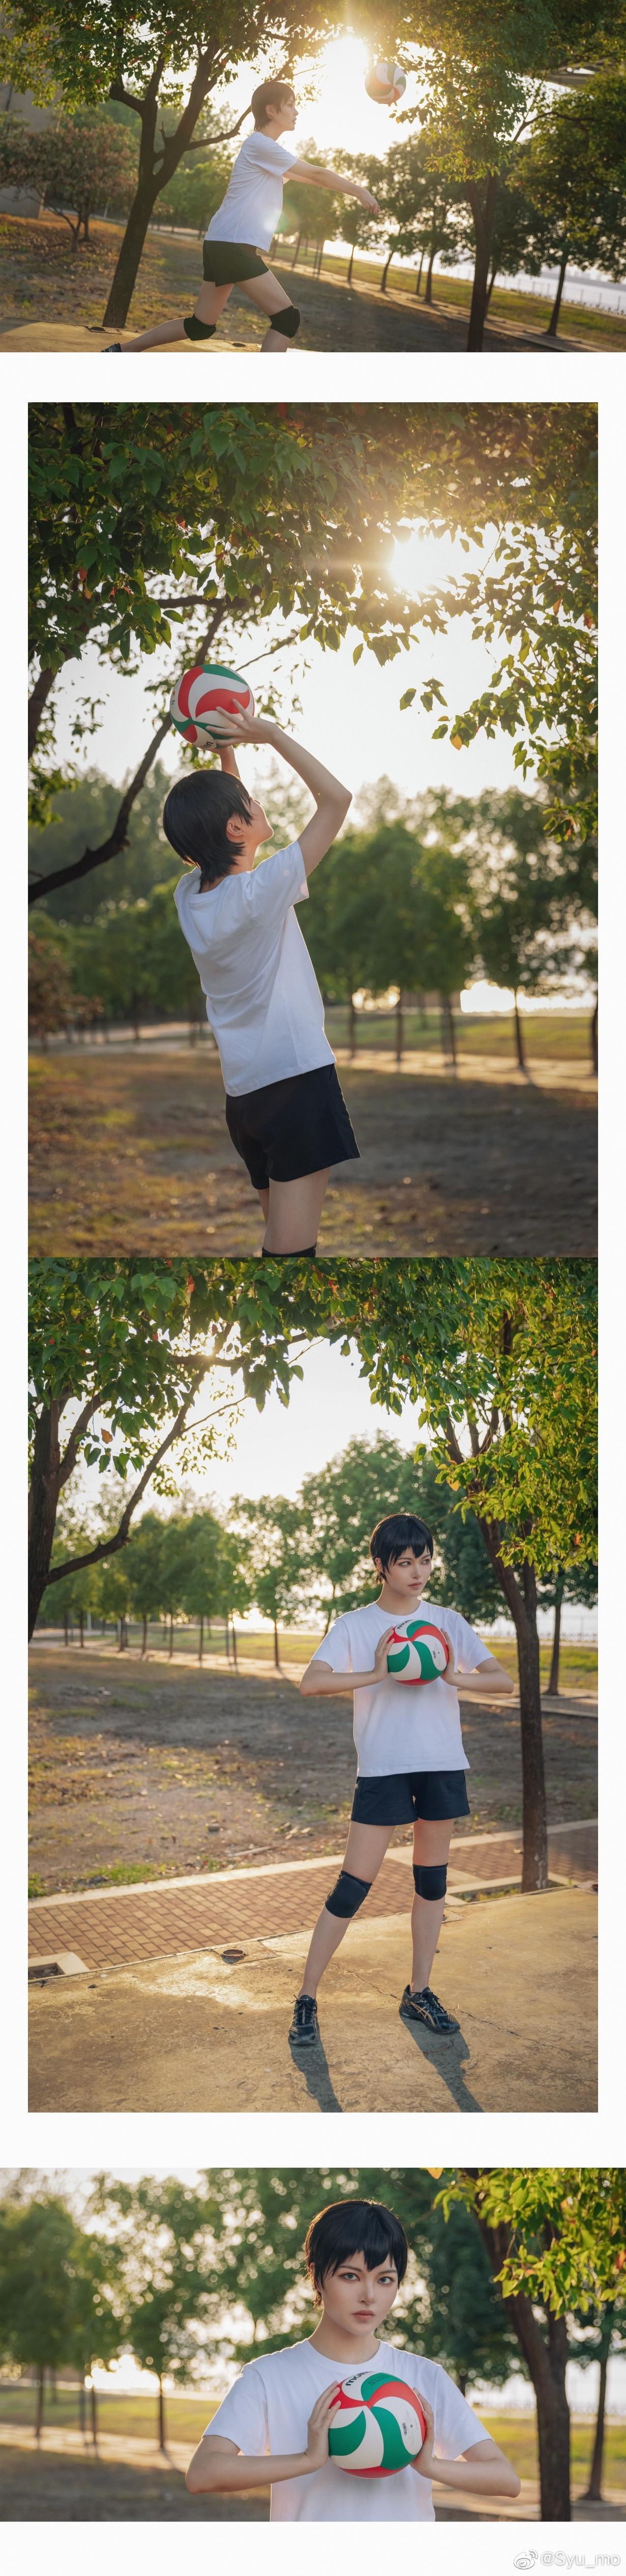 精选cosplay【CN:默默默默仪】-第9张